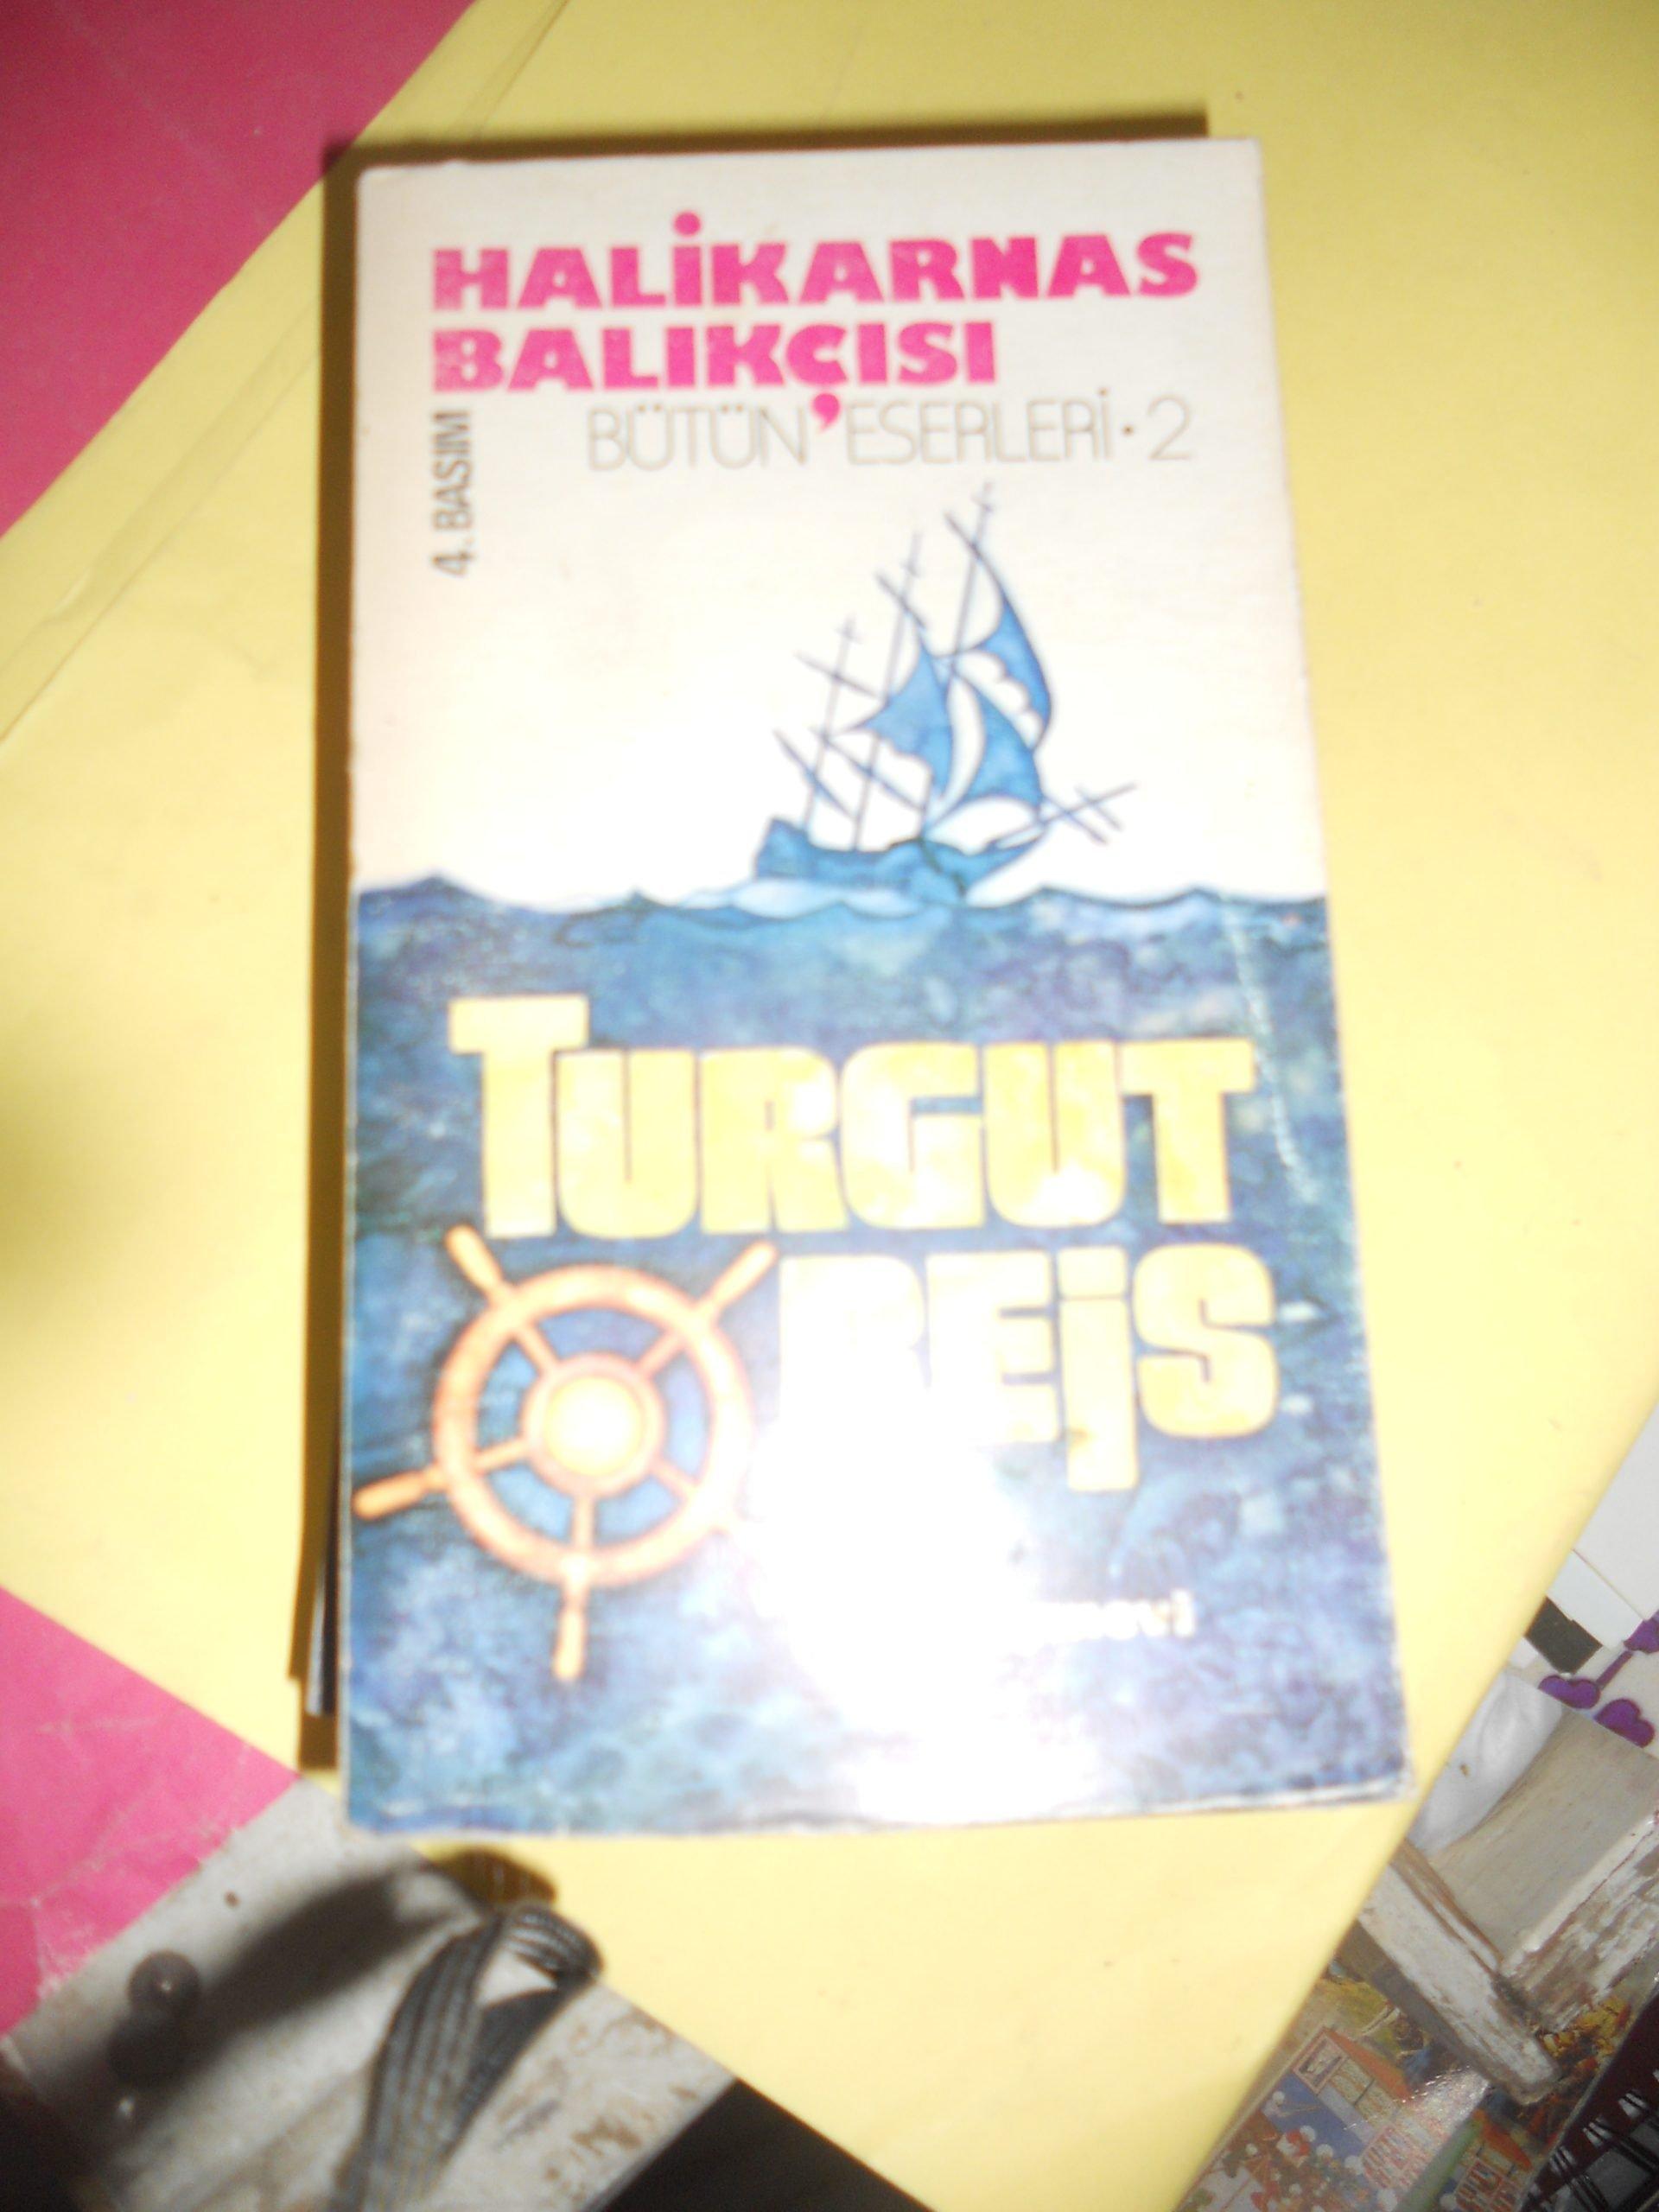 TURGUT REİS/HALİKARNAS BALIKÇISI/20 TL